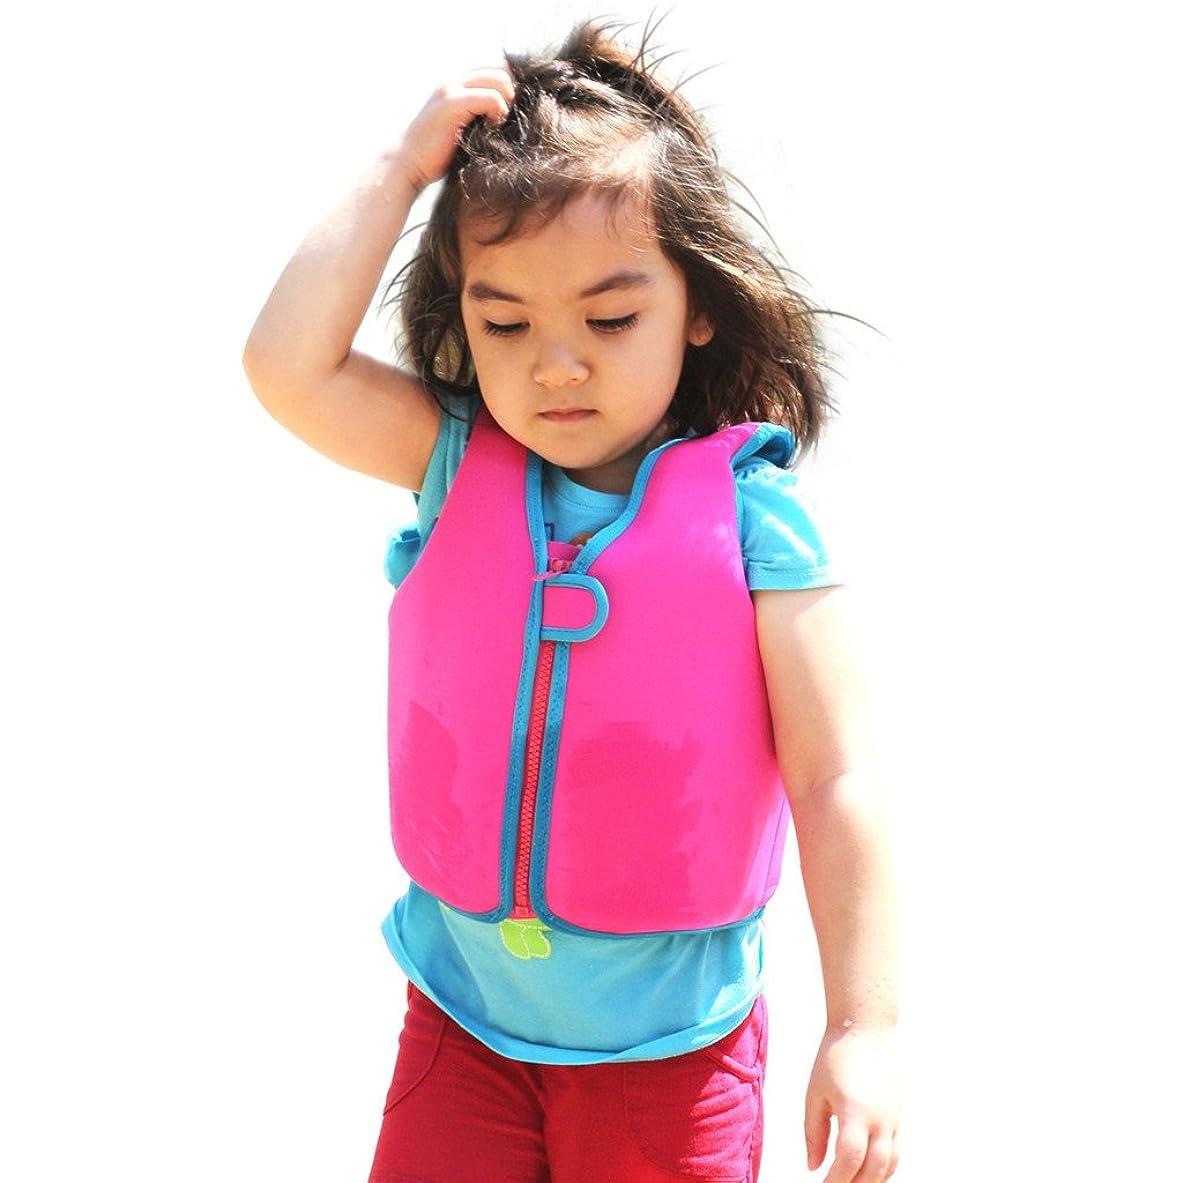 シェフ救援意図するフローティングベスト 子供用 スイムベスト 強い浮力 高い負荷力 安全安心 マリンスポーツ ジュニア 海 プール 釣り 海水浴 スイミング 水遊び、ピンク